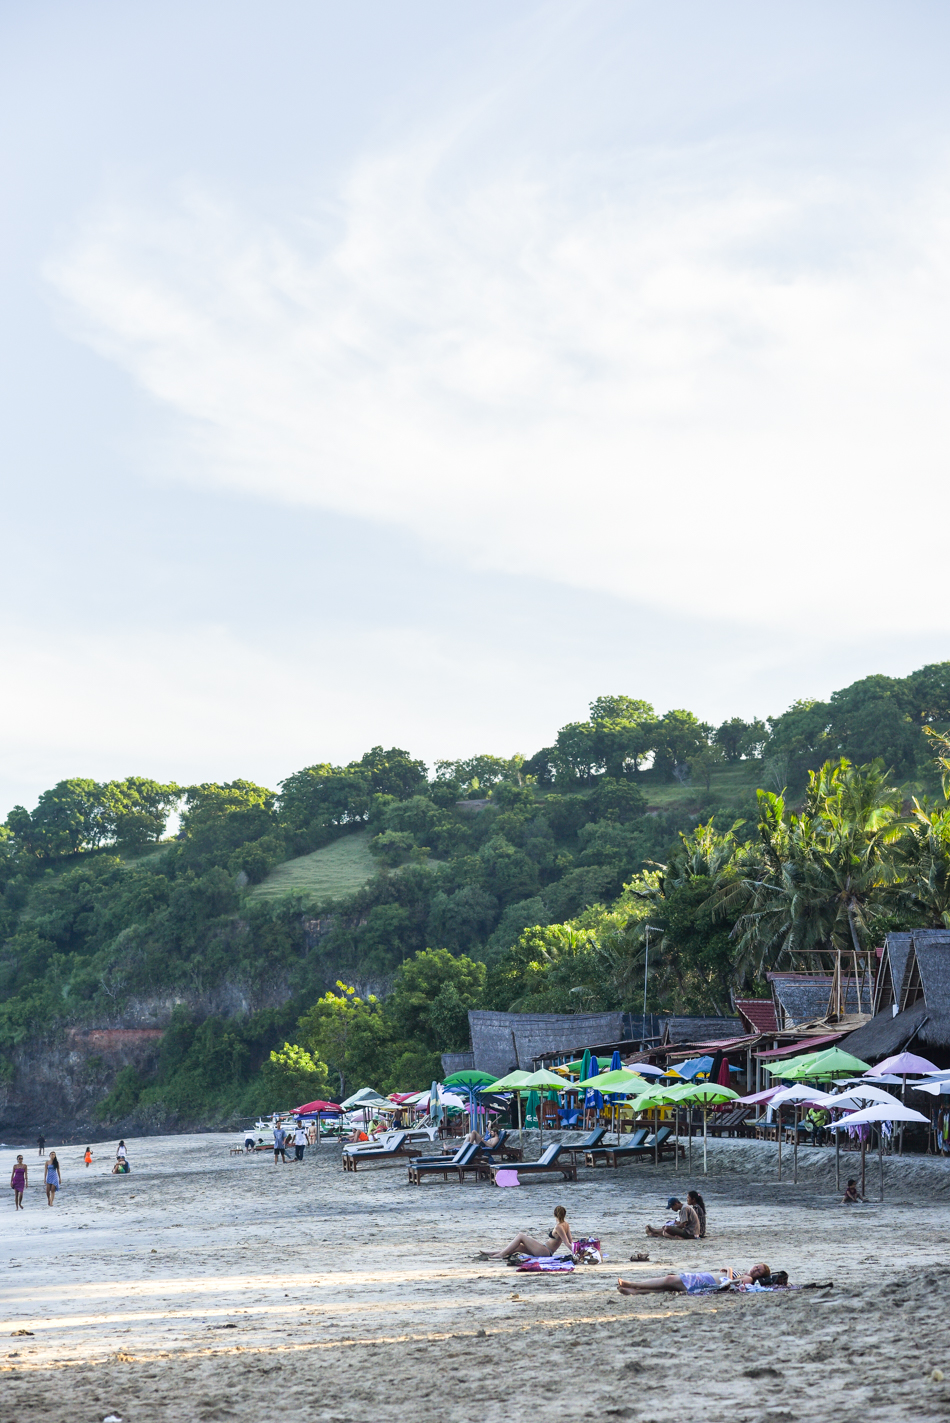 Bali-Honeymoon-Travel-AnaisStoelen-130.jpg